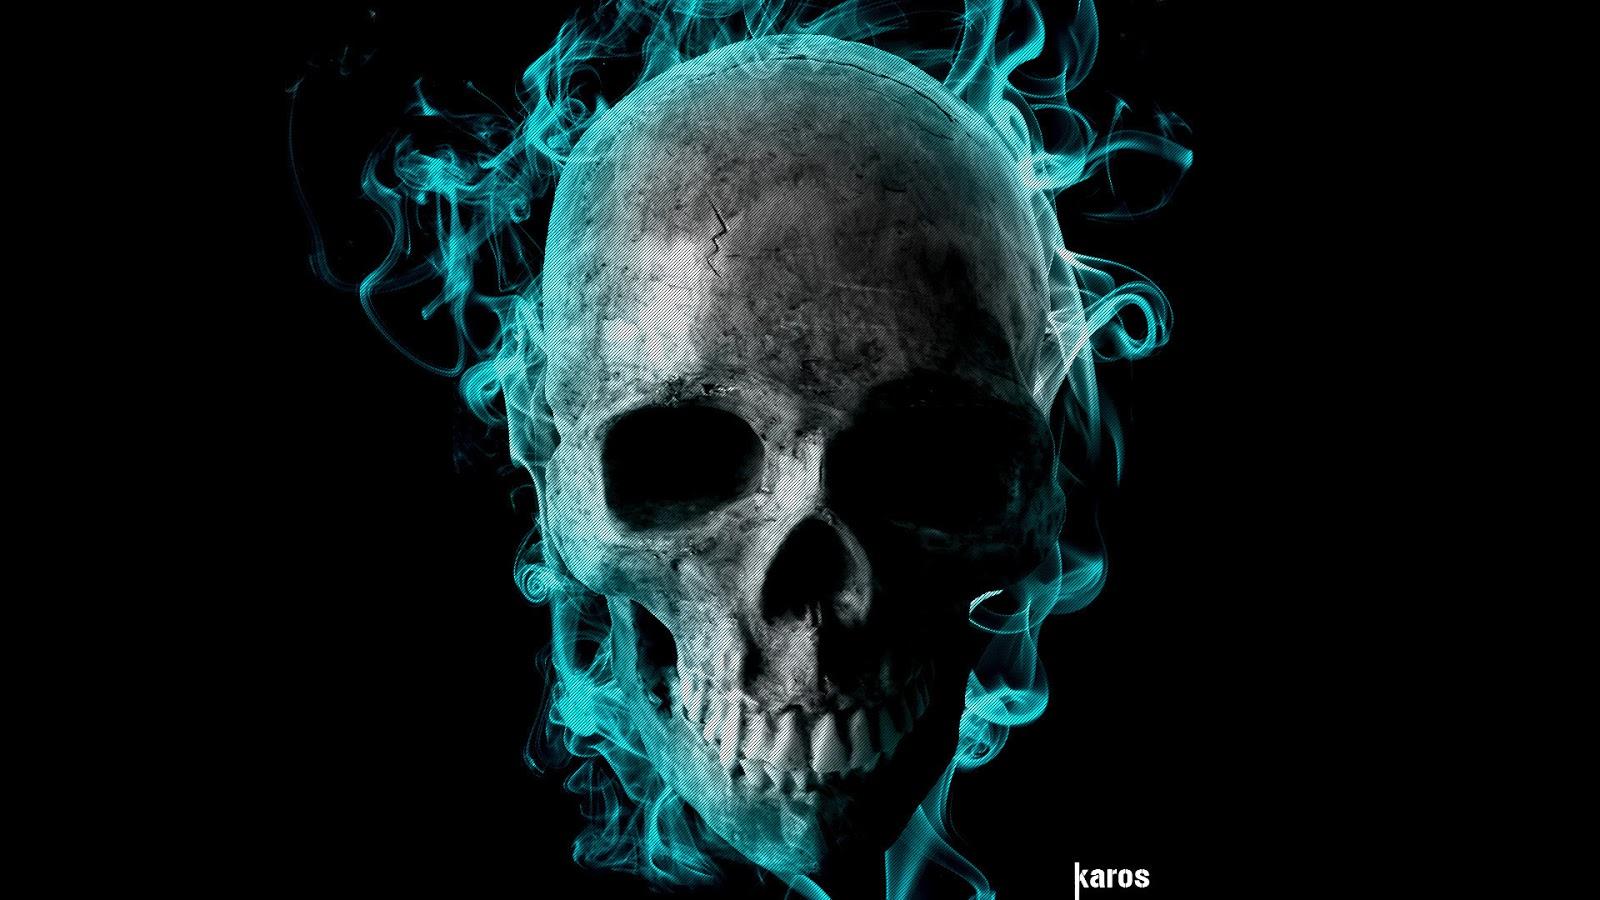 67 Flaming Skull Wallpaper